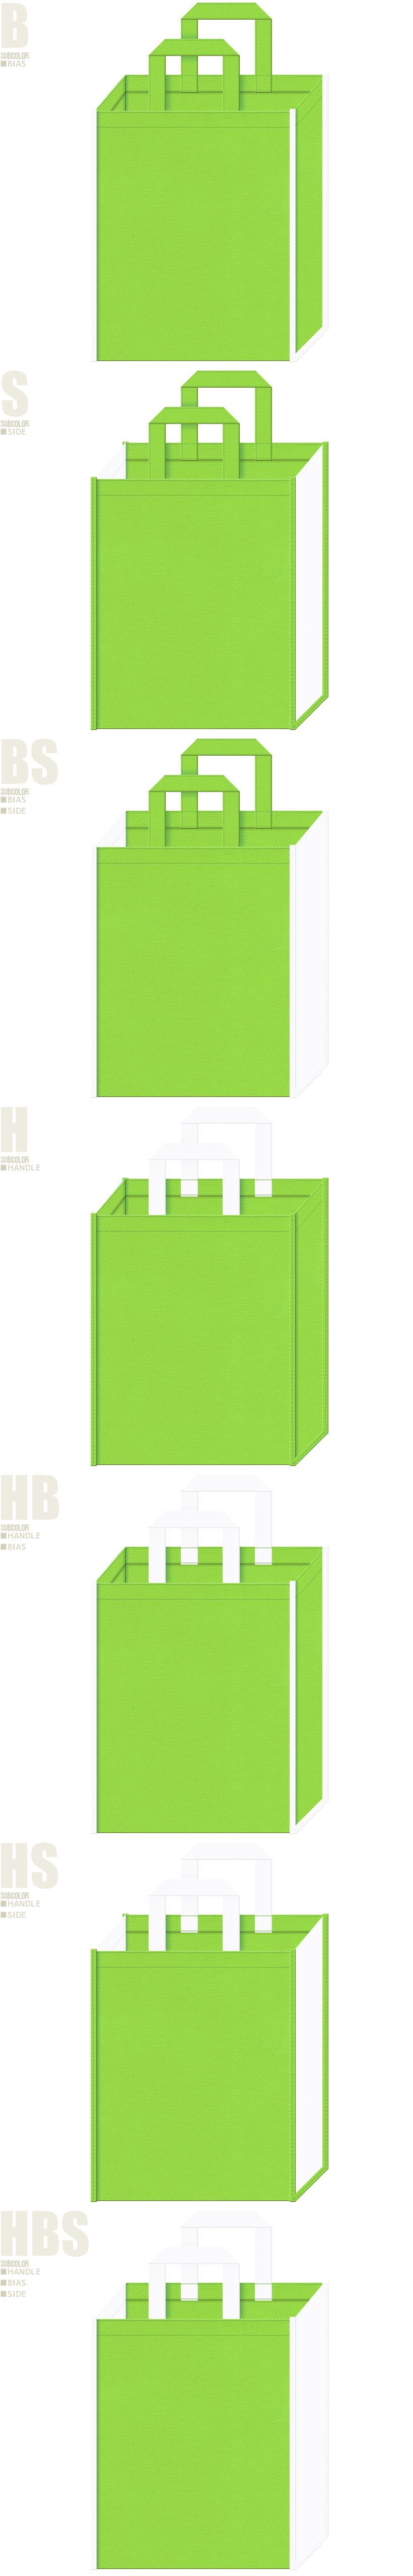 CO2削減・環境イベント・緑化推進・エコイベント・人工芝・テニスコート・アメリカンフットボール・ゴルフ練習場・プランター・園芸用品の展示会用バッグにお奨めの不織布バッグデザイン:黄緑色と白色の配色7パターン